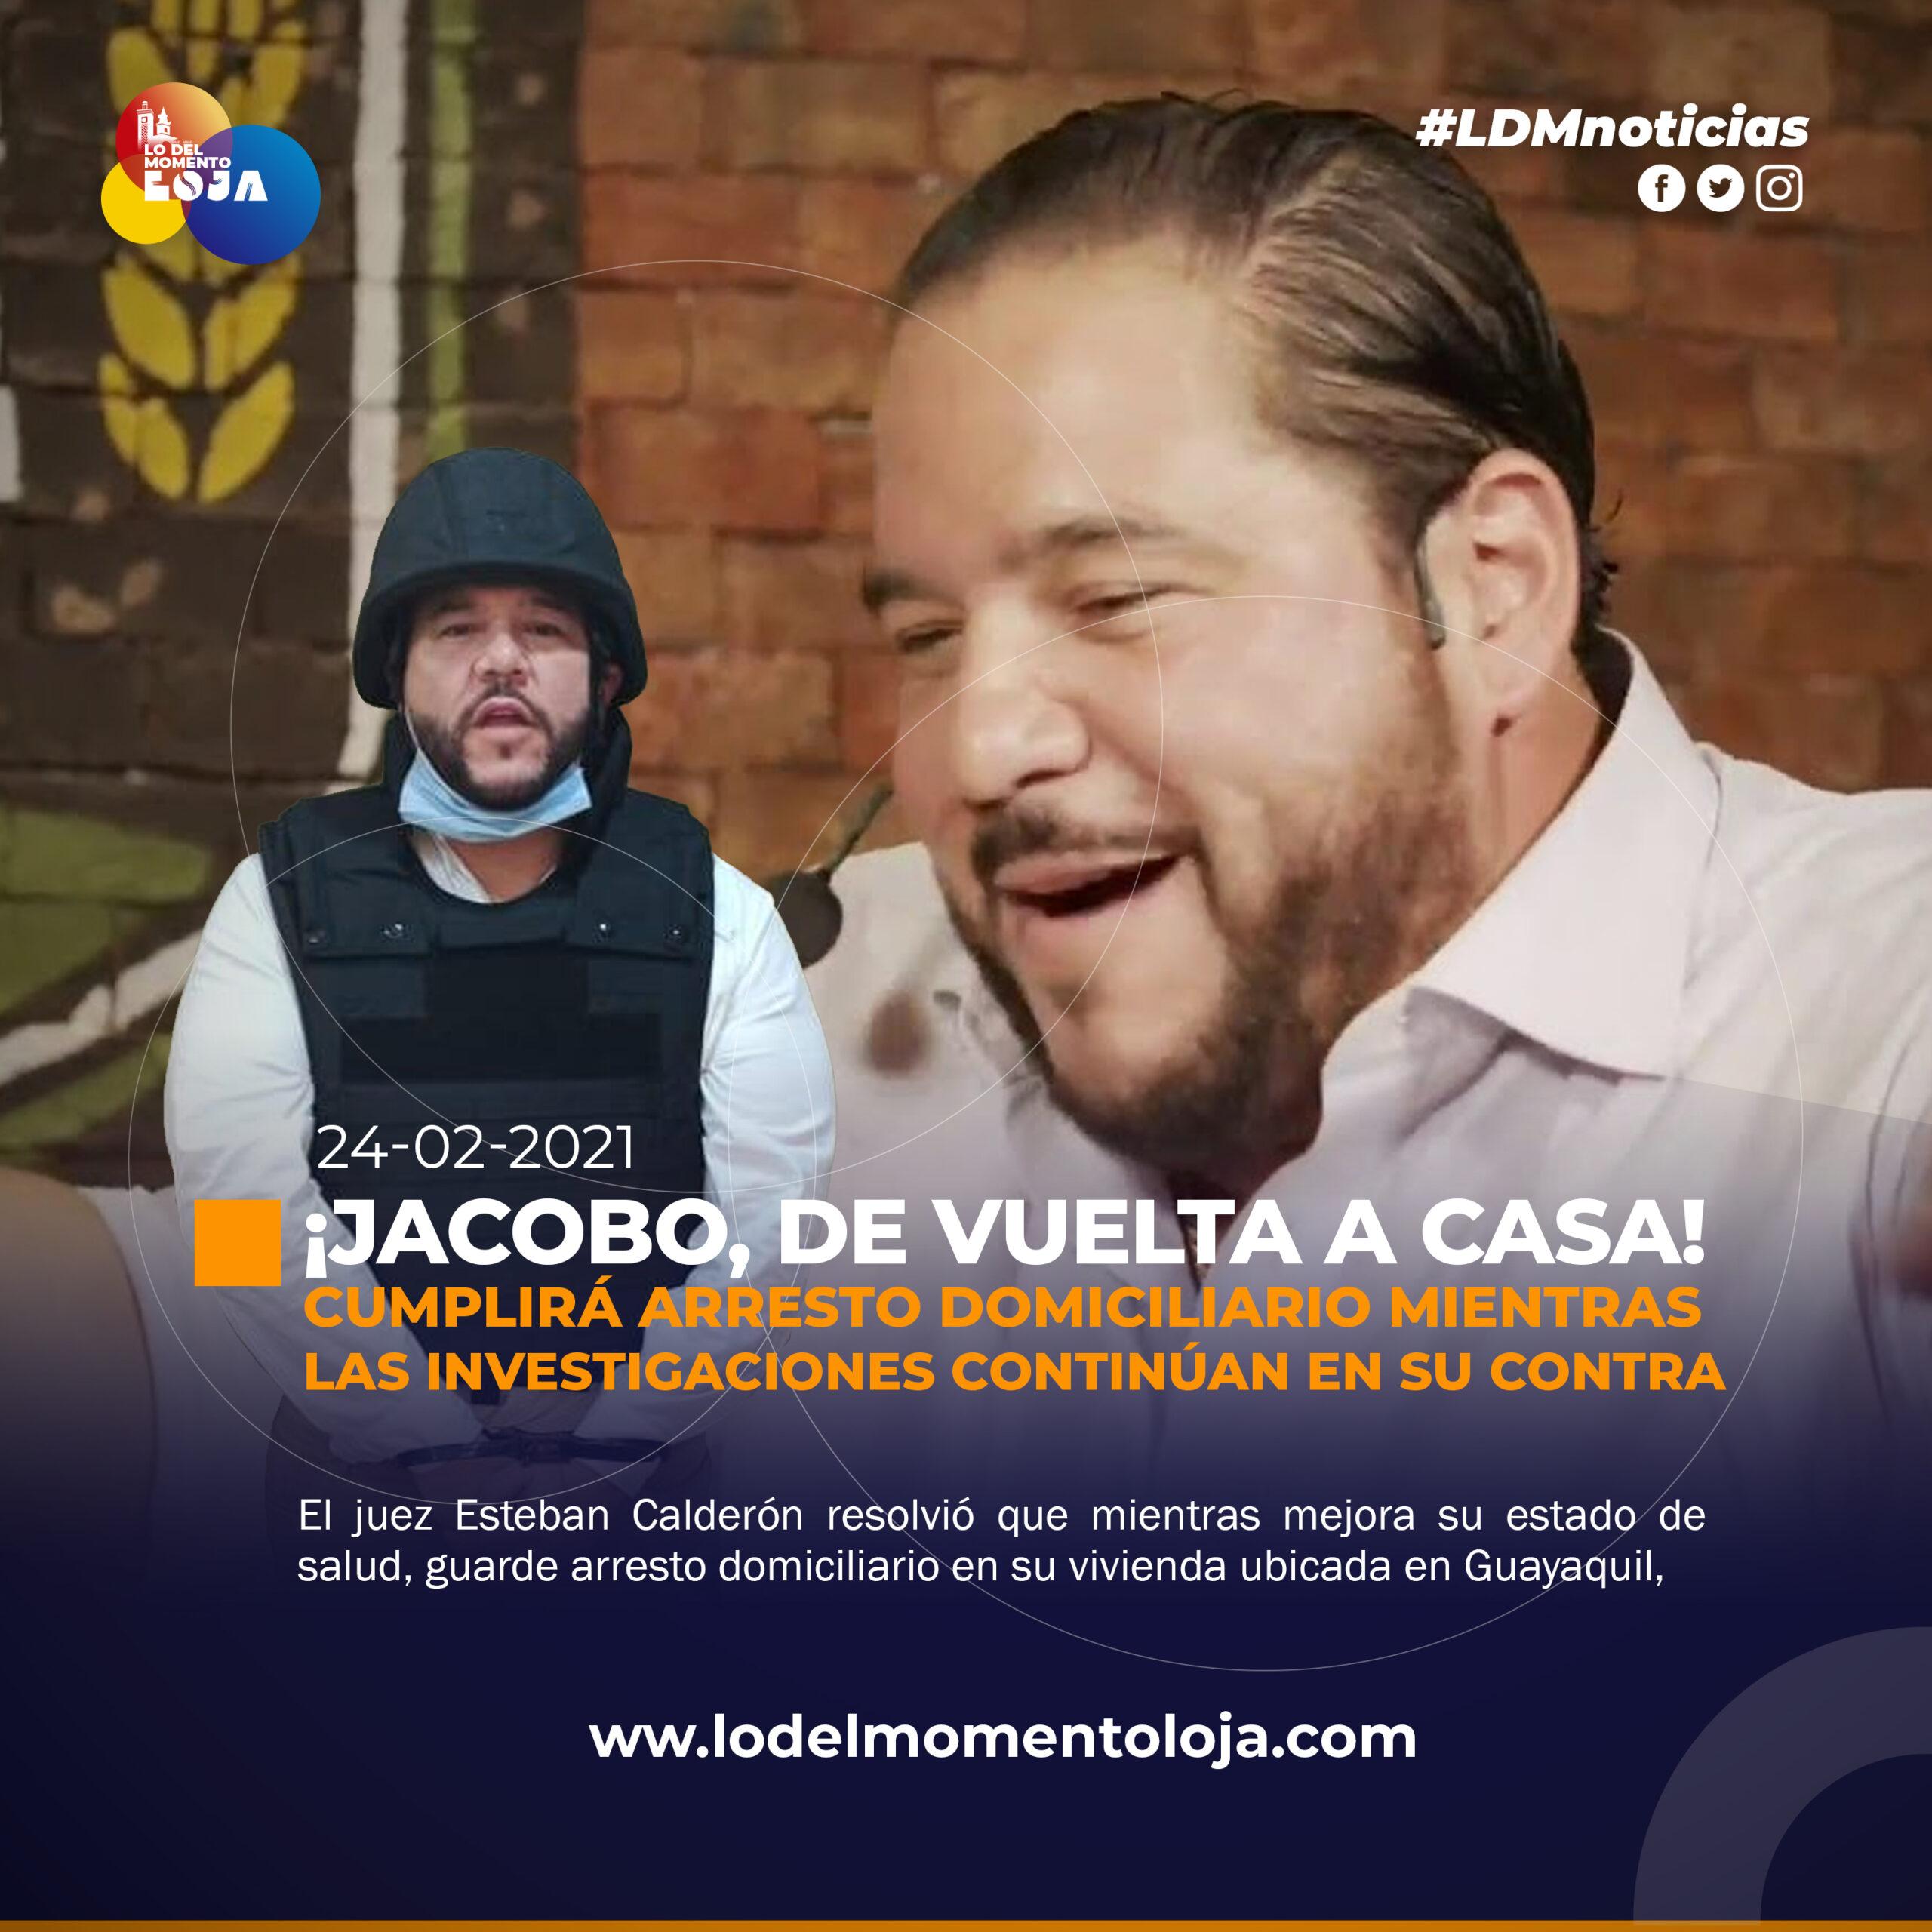 JACOBO BUCARAM REGRESA A CASA CON NUEVA MEDIDA.